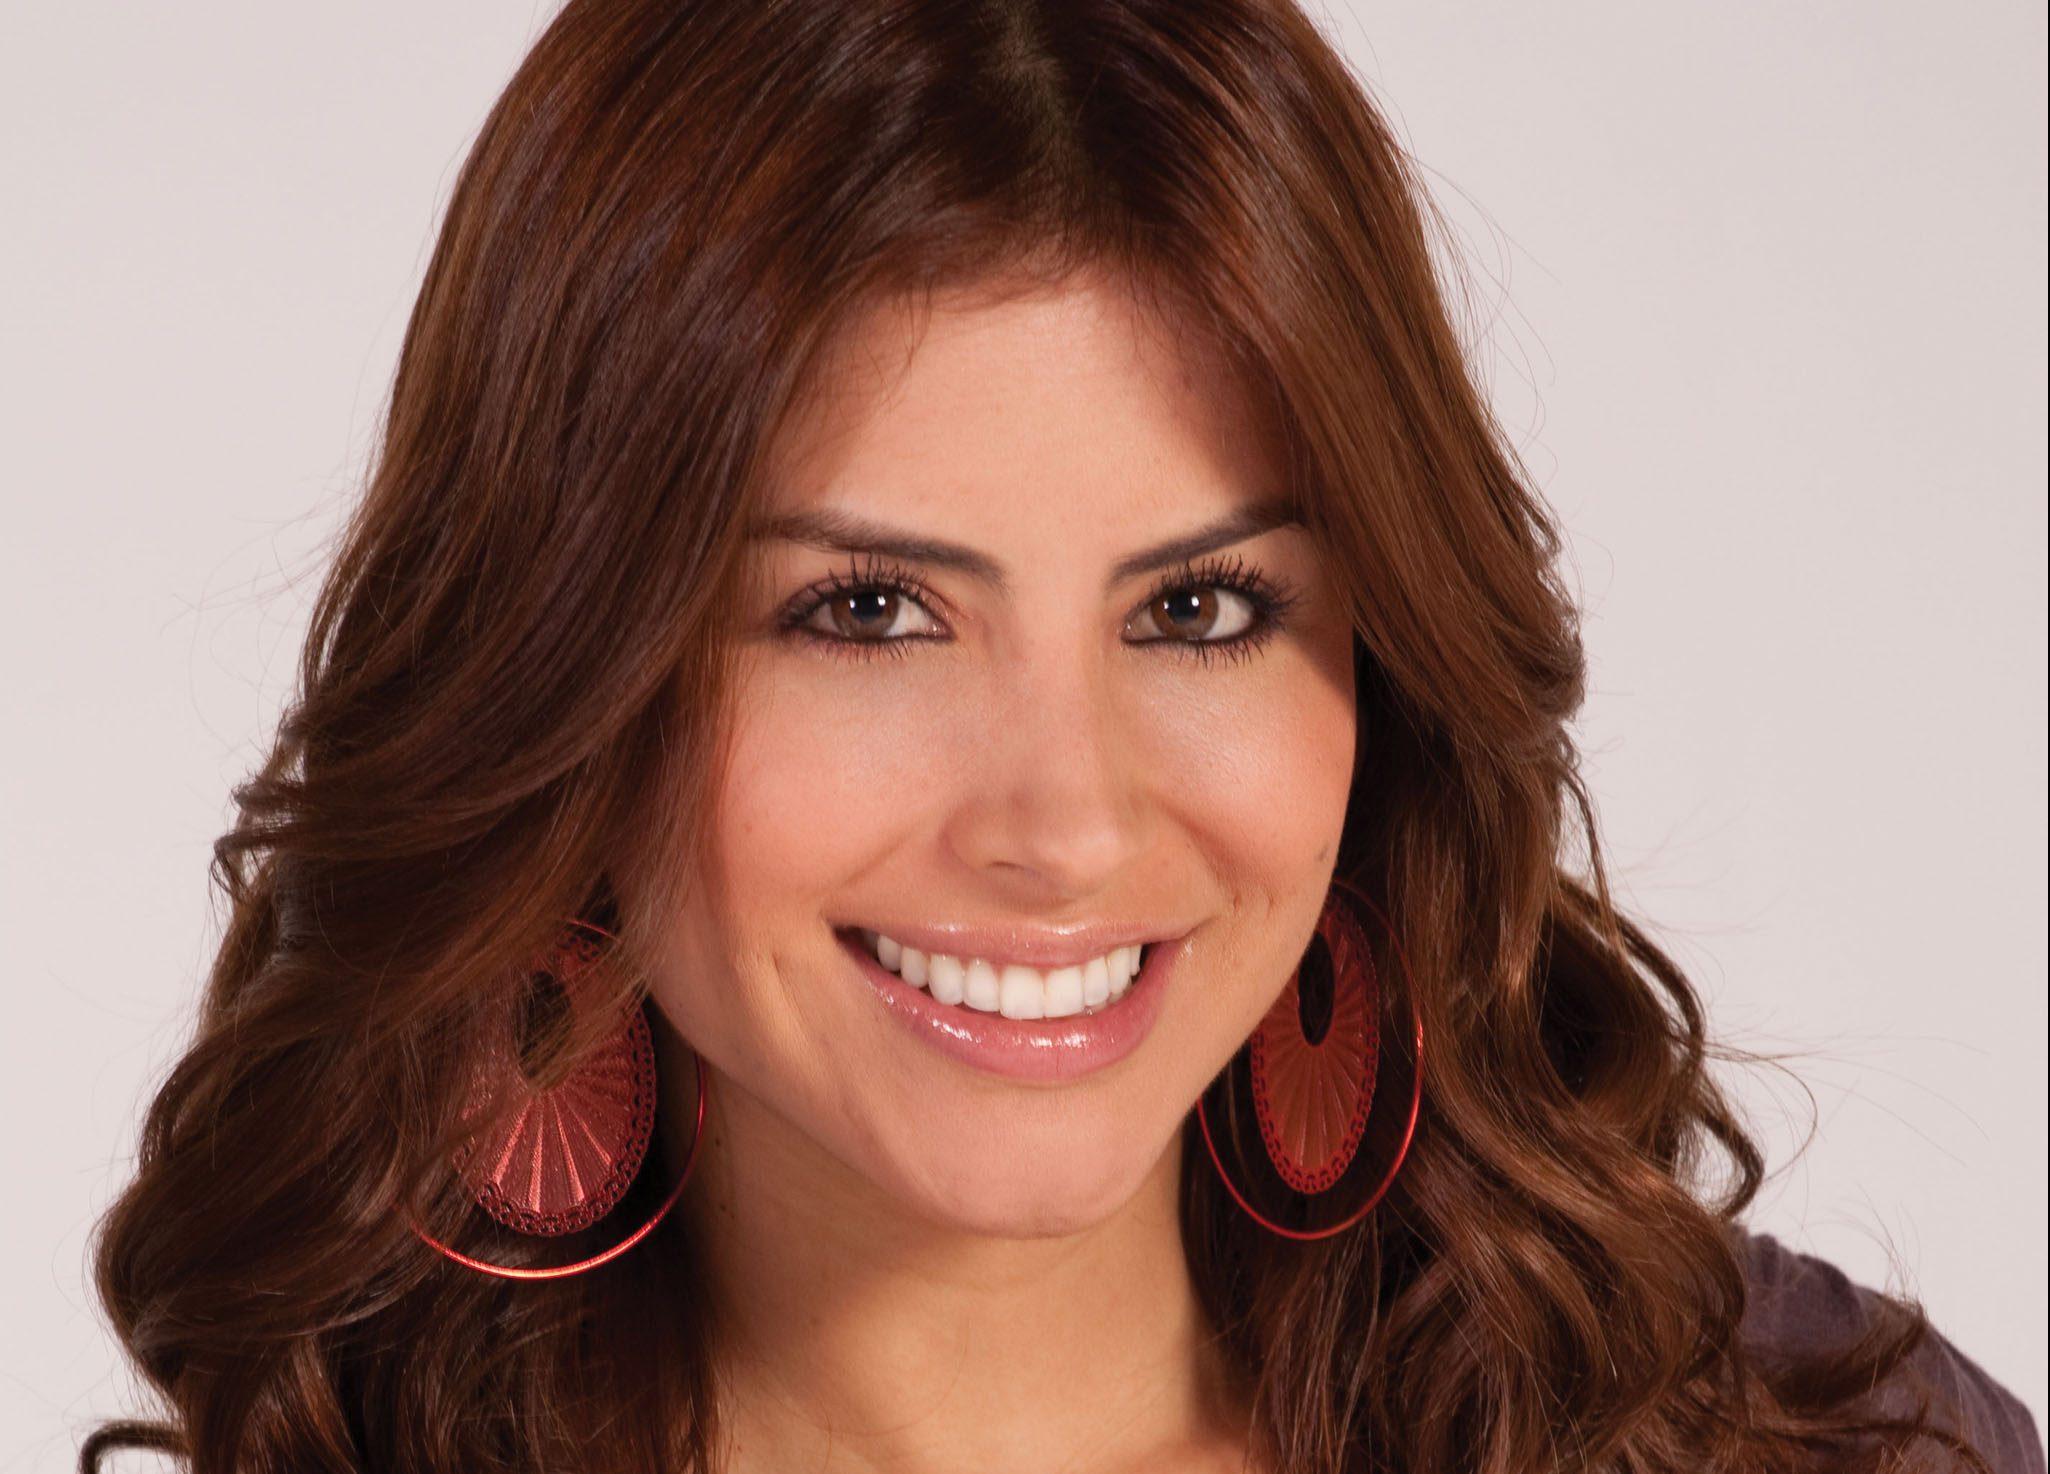 Jessica Cediel fue captada 'besándose' con uno de sus compañeros del  programa 'Yo Me Llamo' - Oxigeno.fm